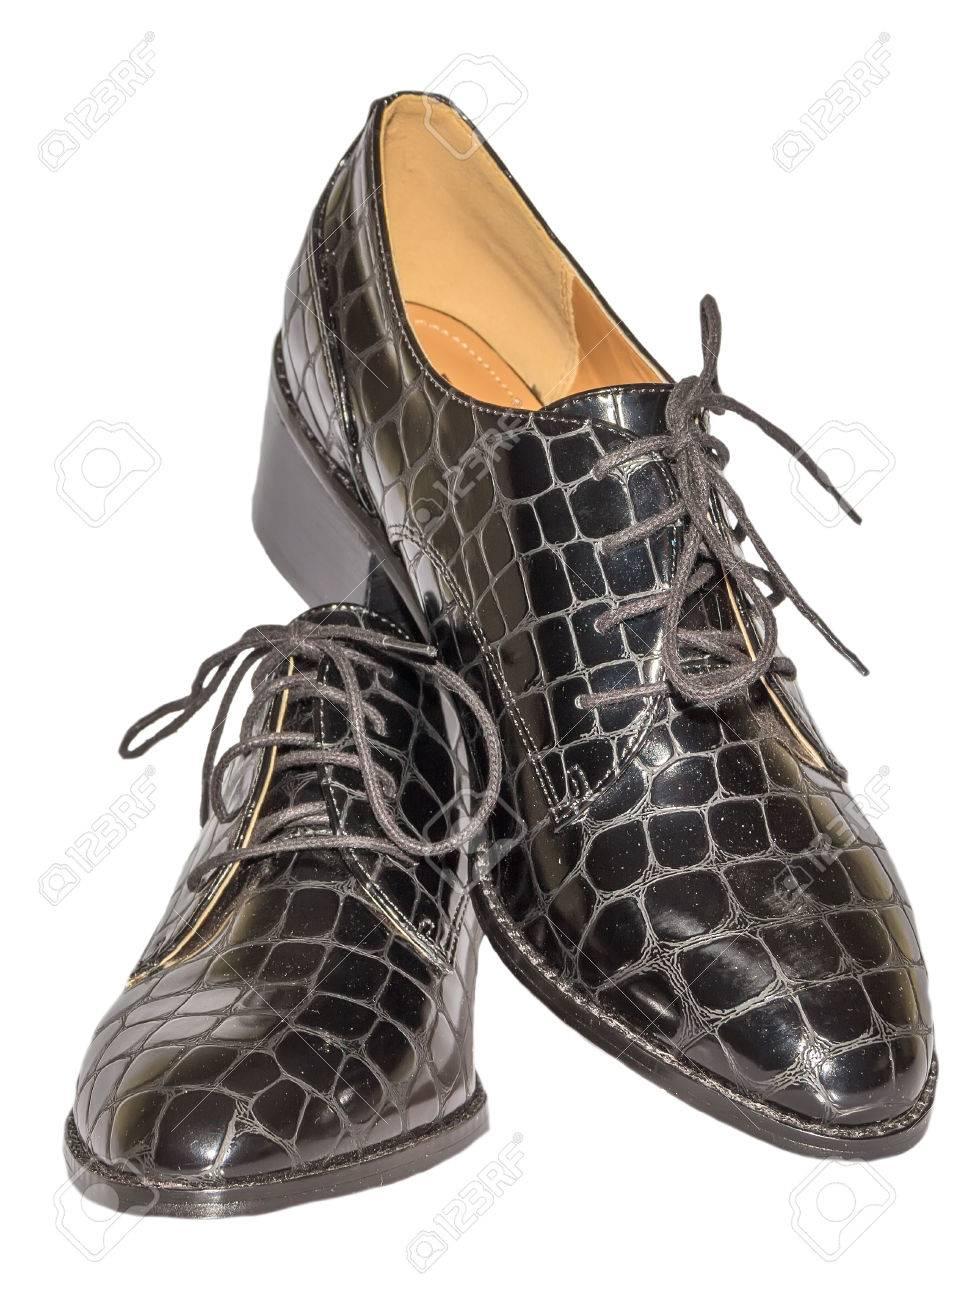 a2877f1a2 Chaussures en peau de crocodile laquée avec lacets fond blanc à talon moyen